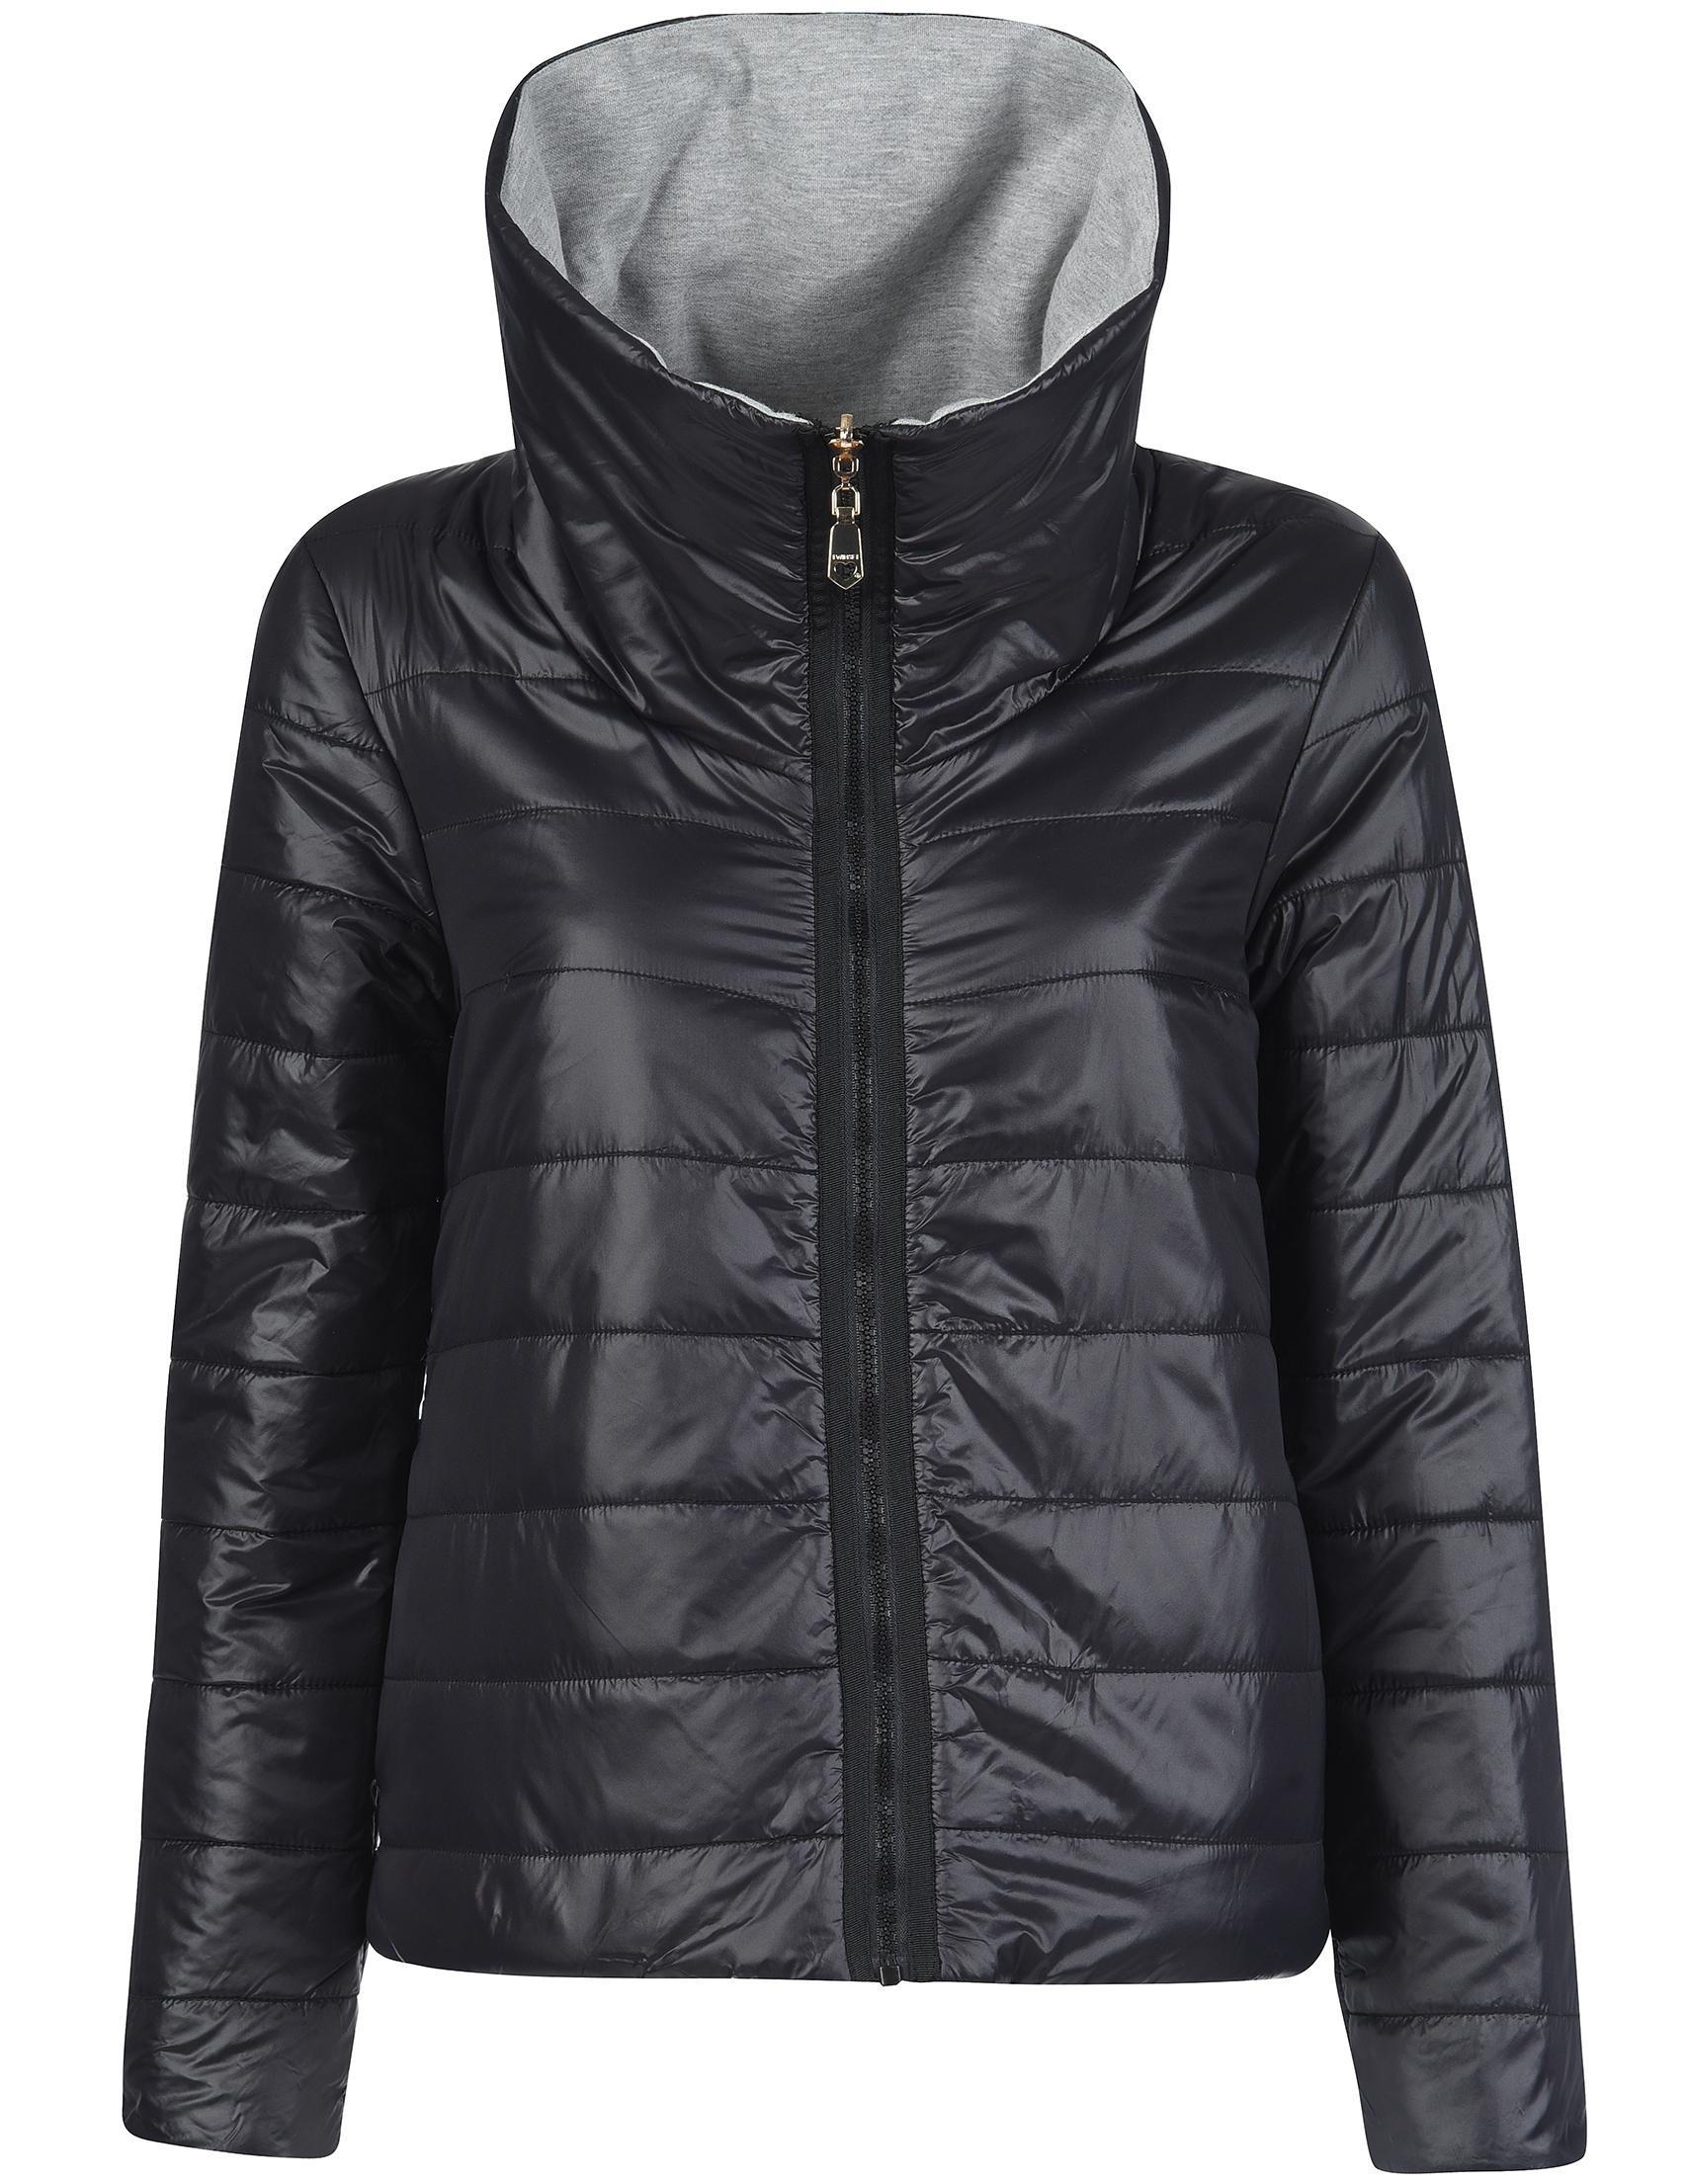 Купить Куртка, TWIN-SET, Черный, Серый, 100%Полиамид;65%Хлопок 35%Полиэстер;100%Полиэстер, Осень-Зима